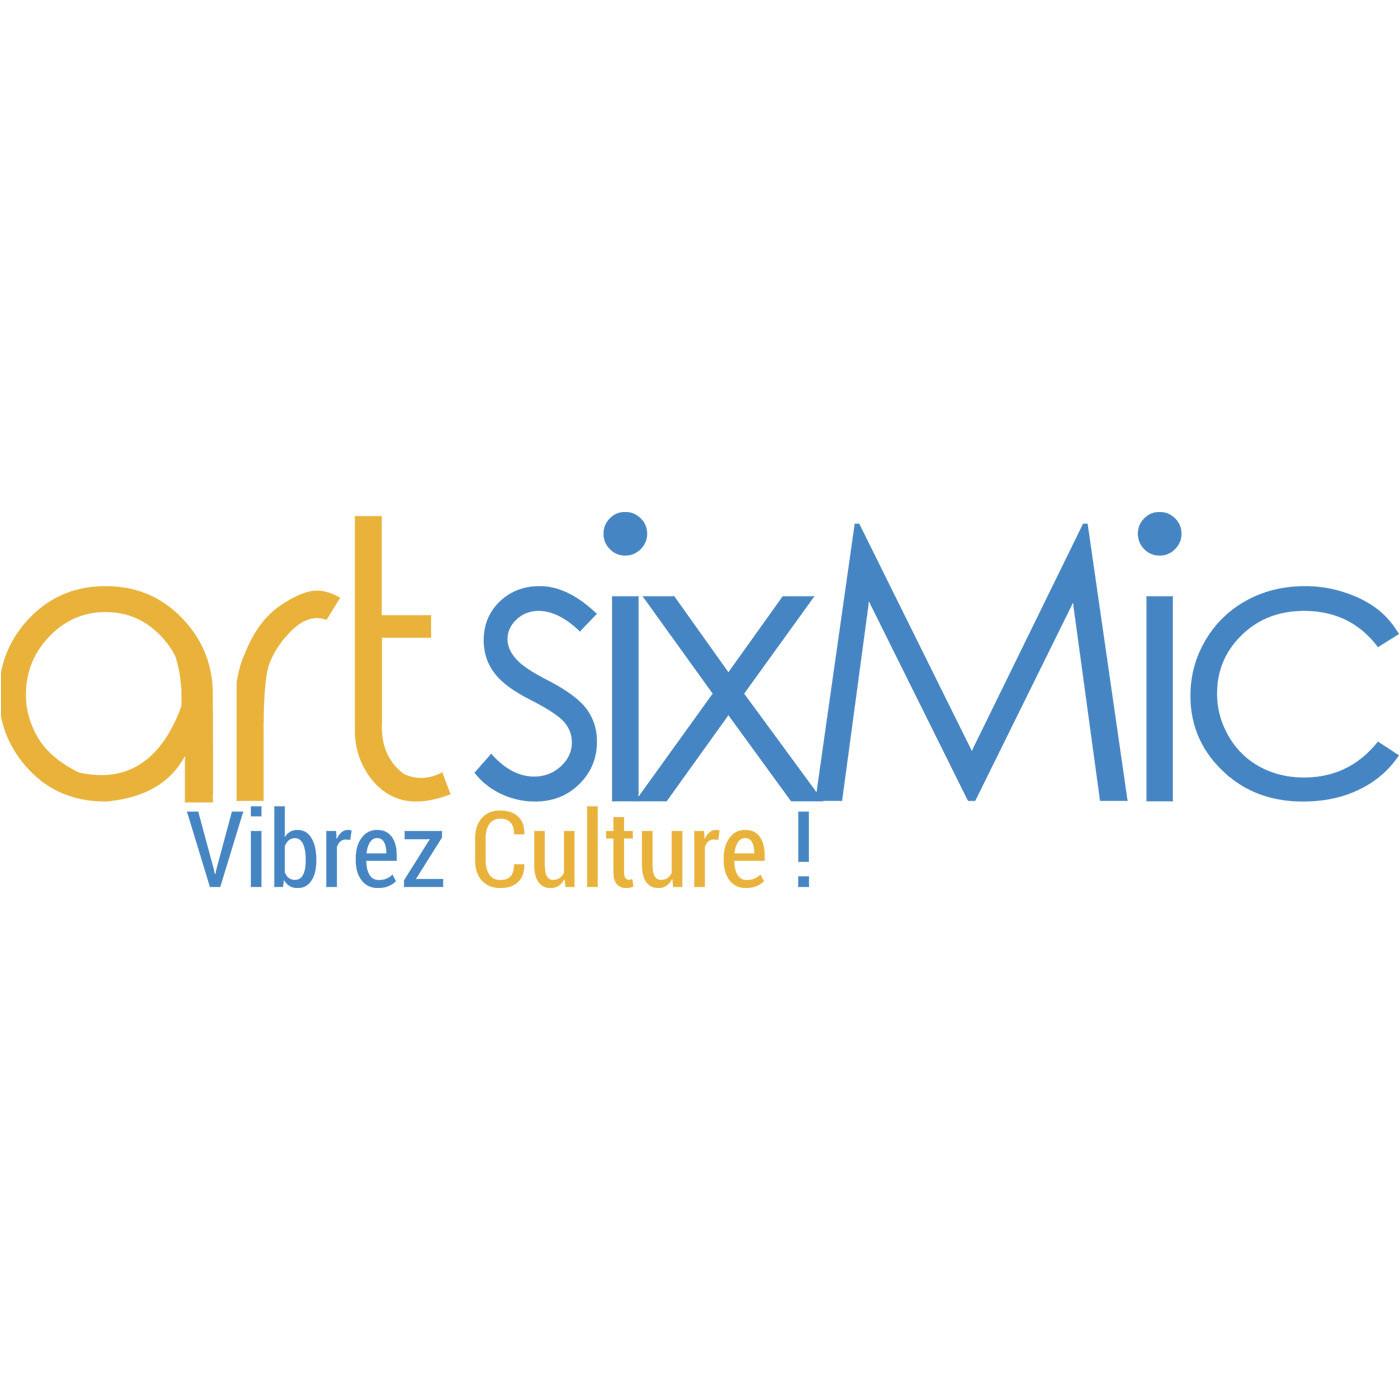 artsixMic